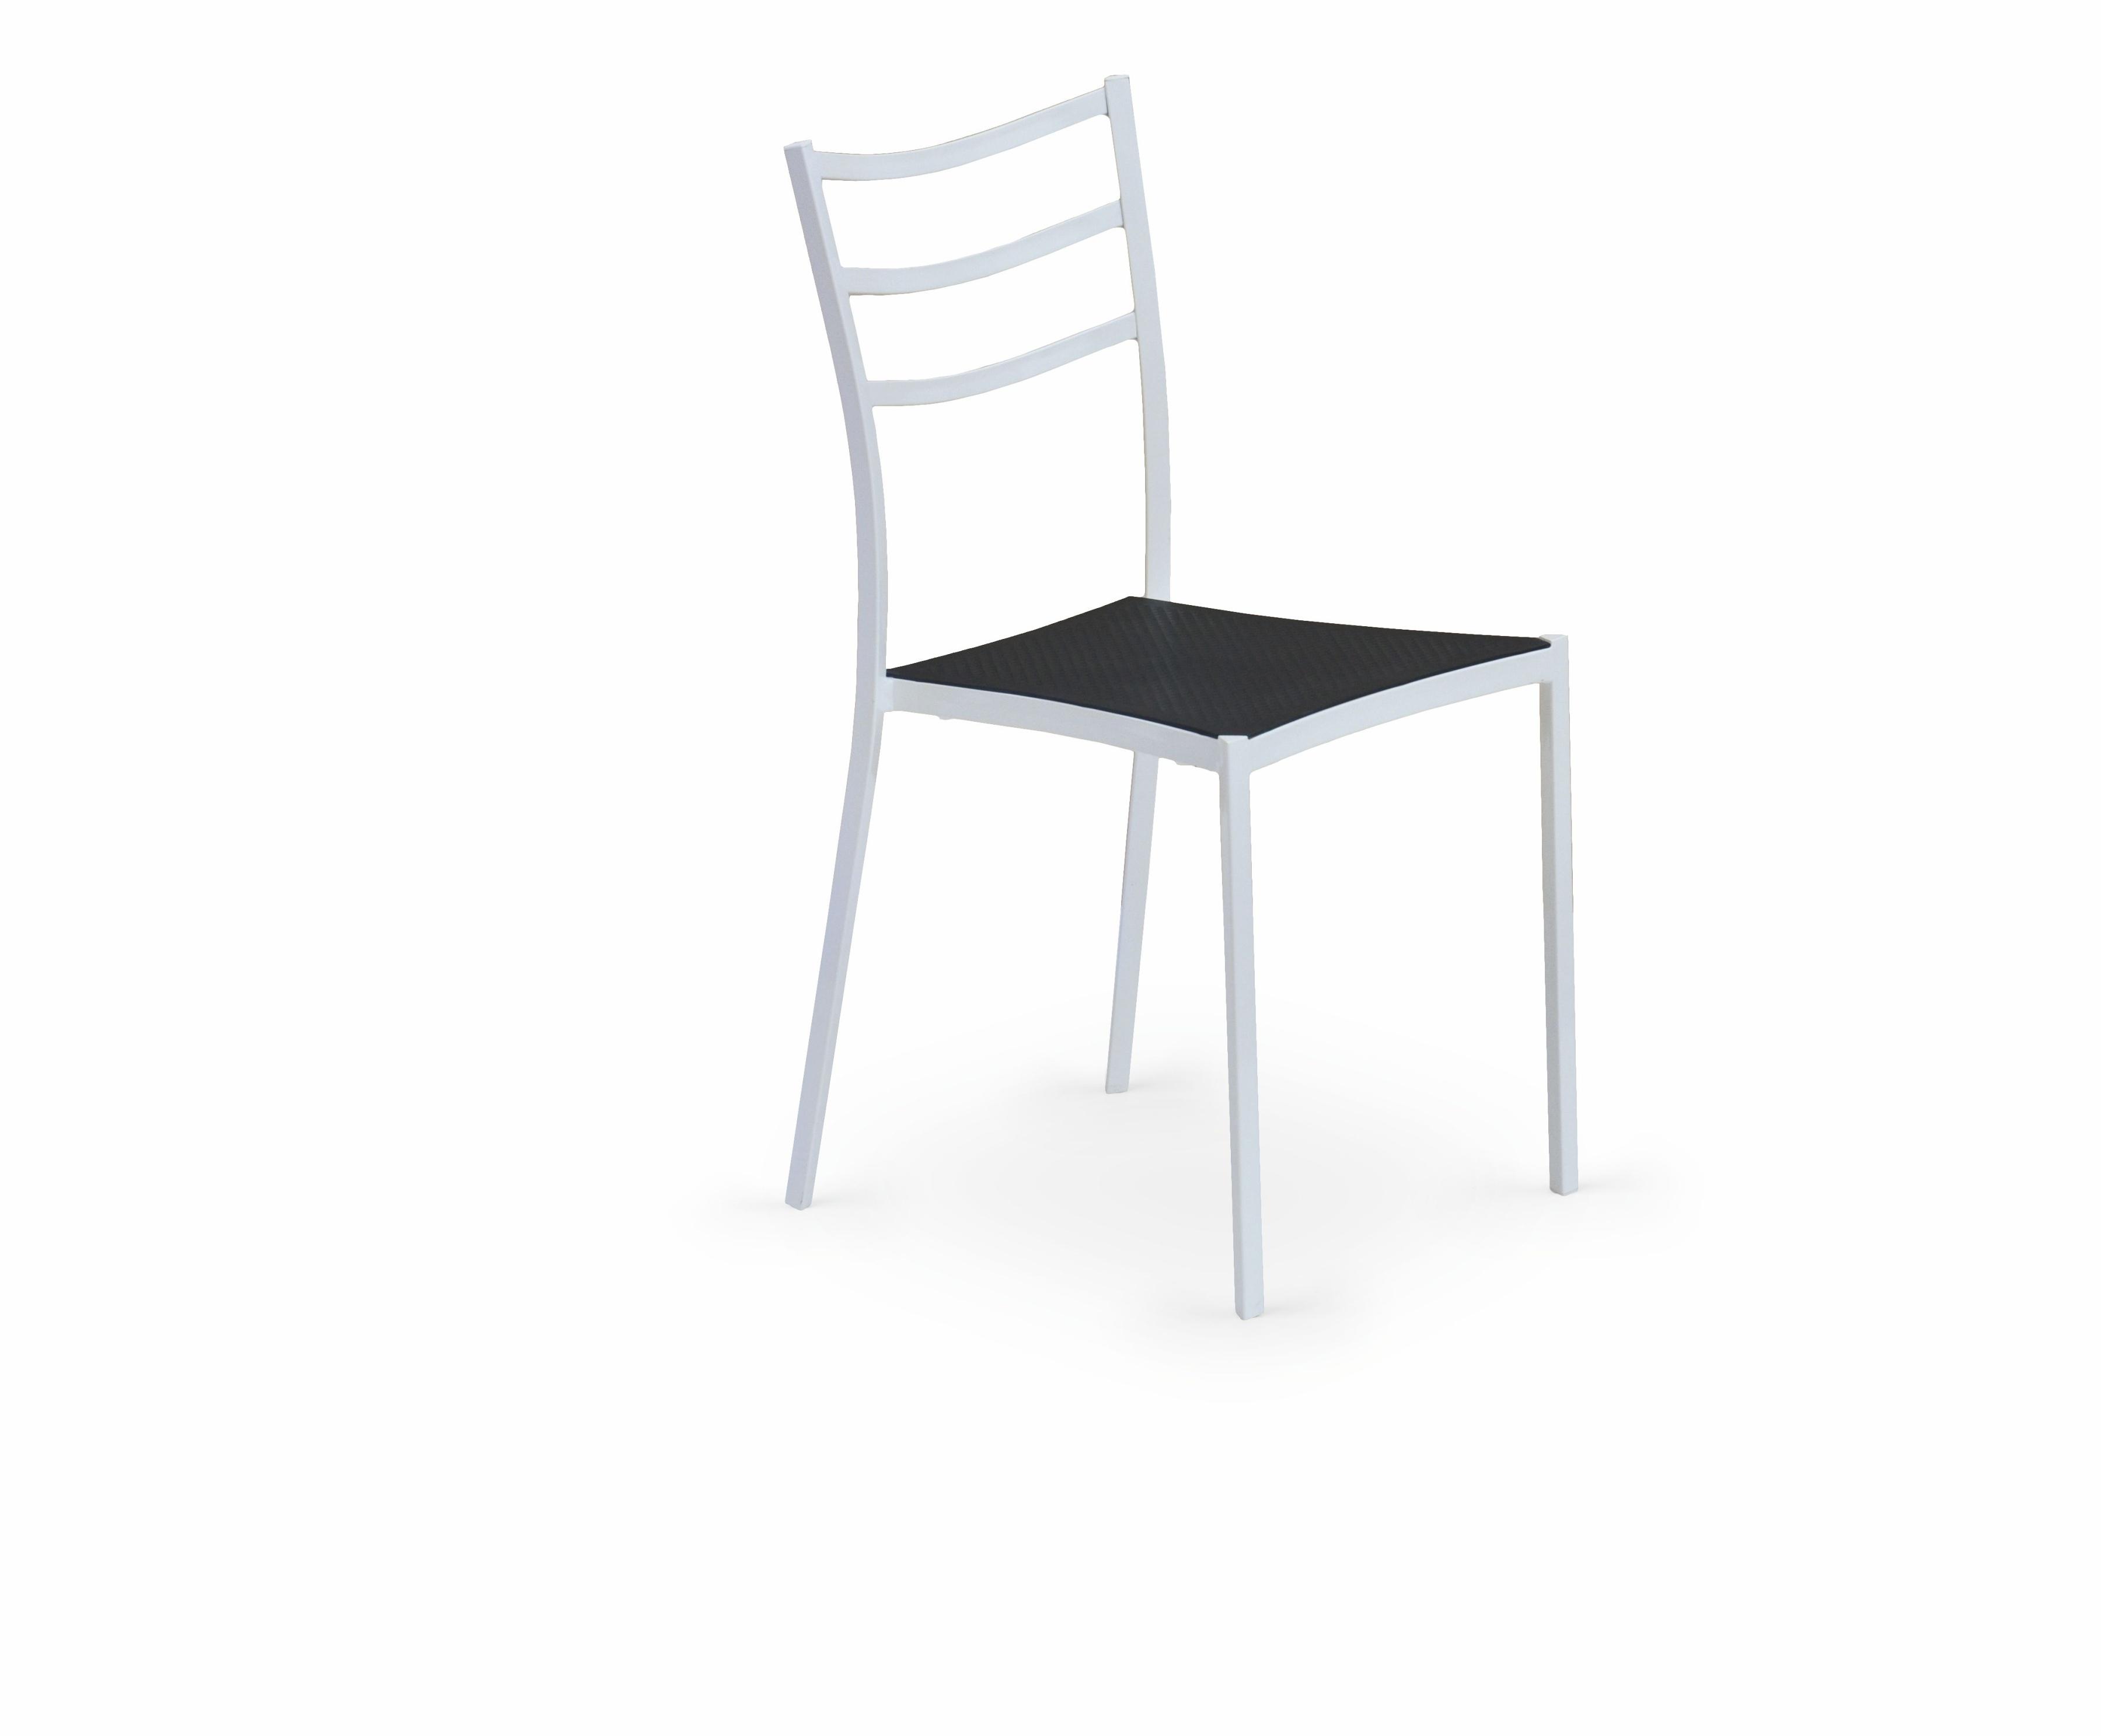 Jedálenská stolička - Halmar - K 159 biela + čierna *výpredaj